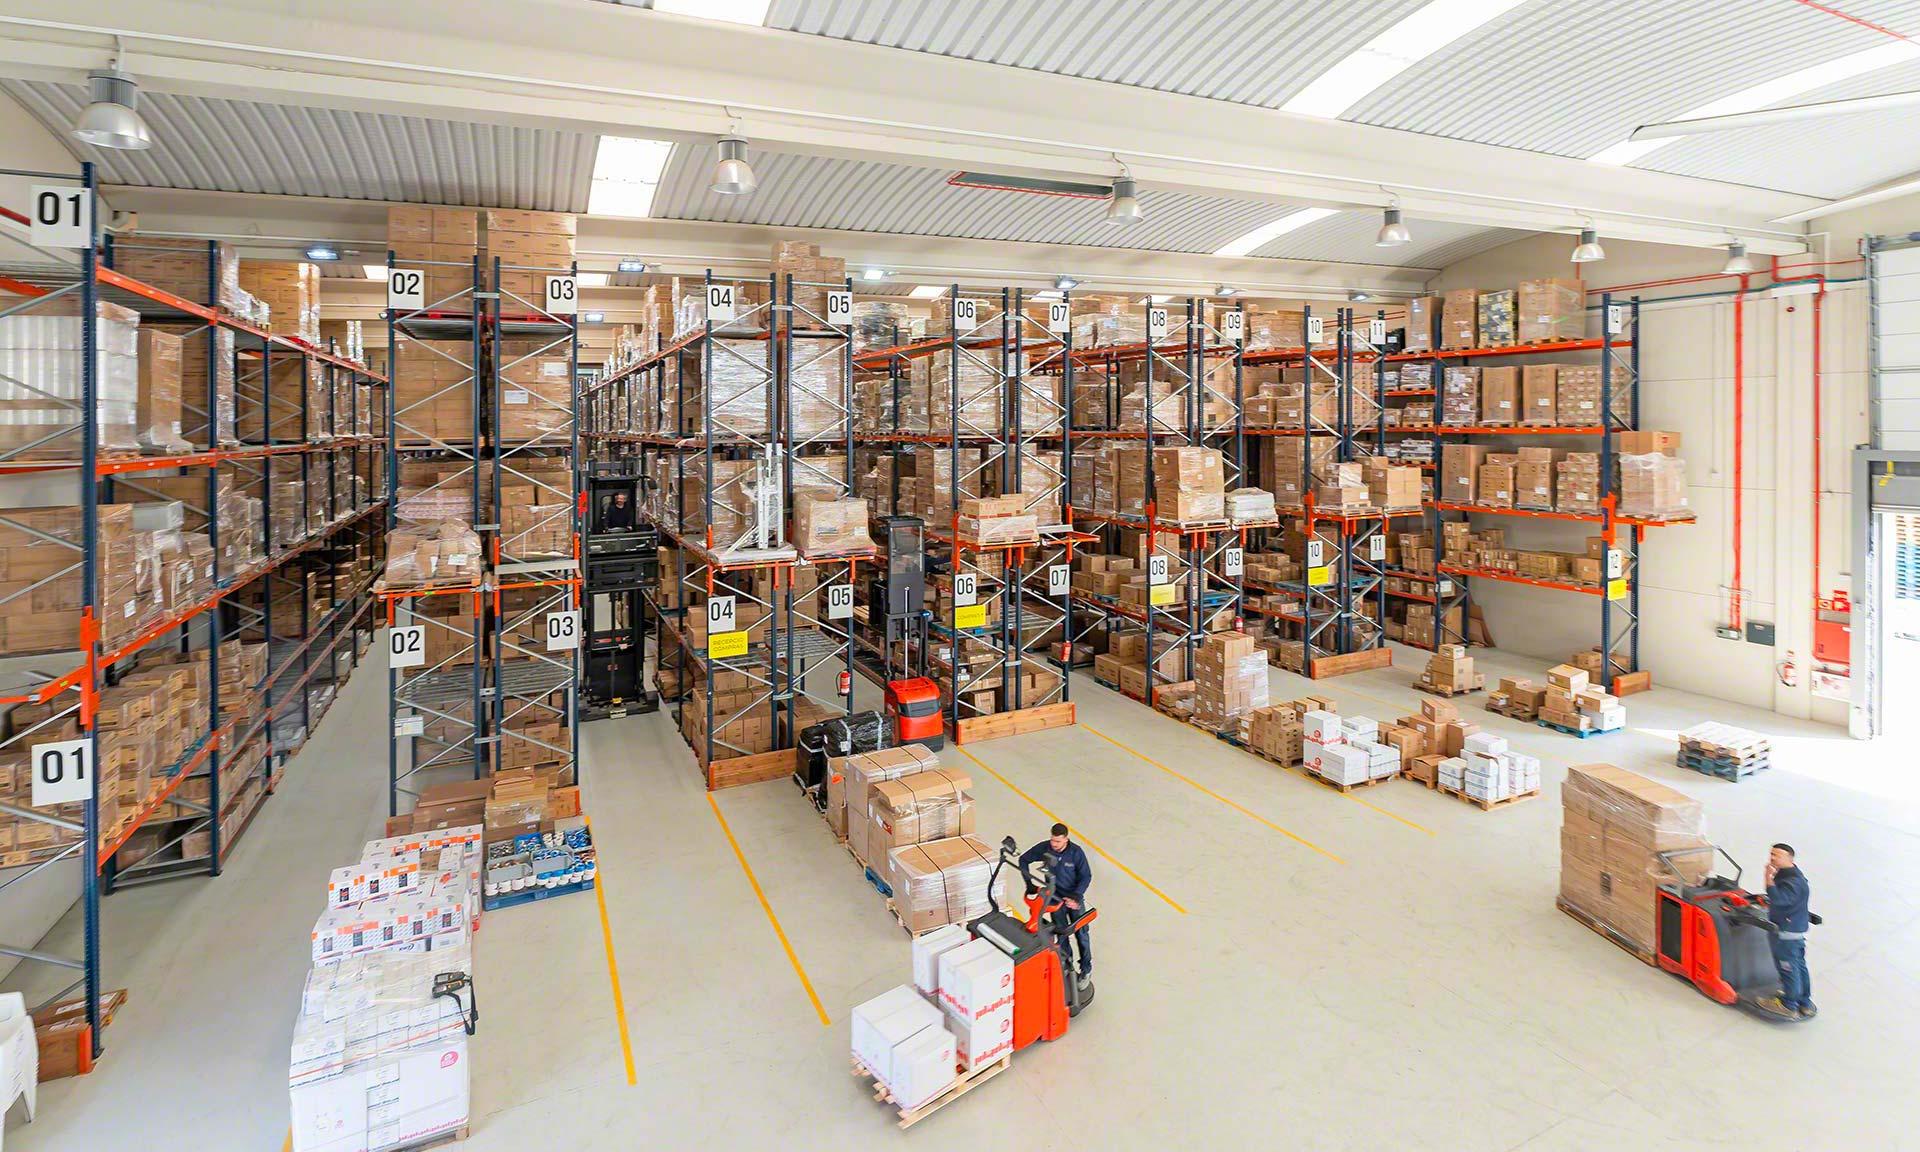 Elektro3 : plus de 14 000 références dans un entrepôt en pleine croissance